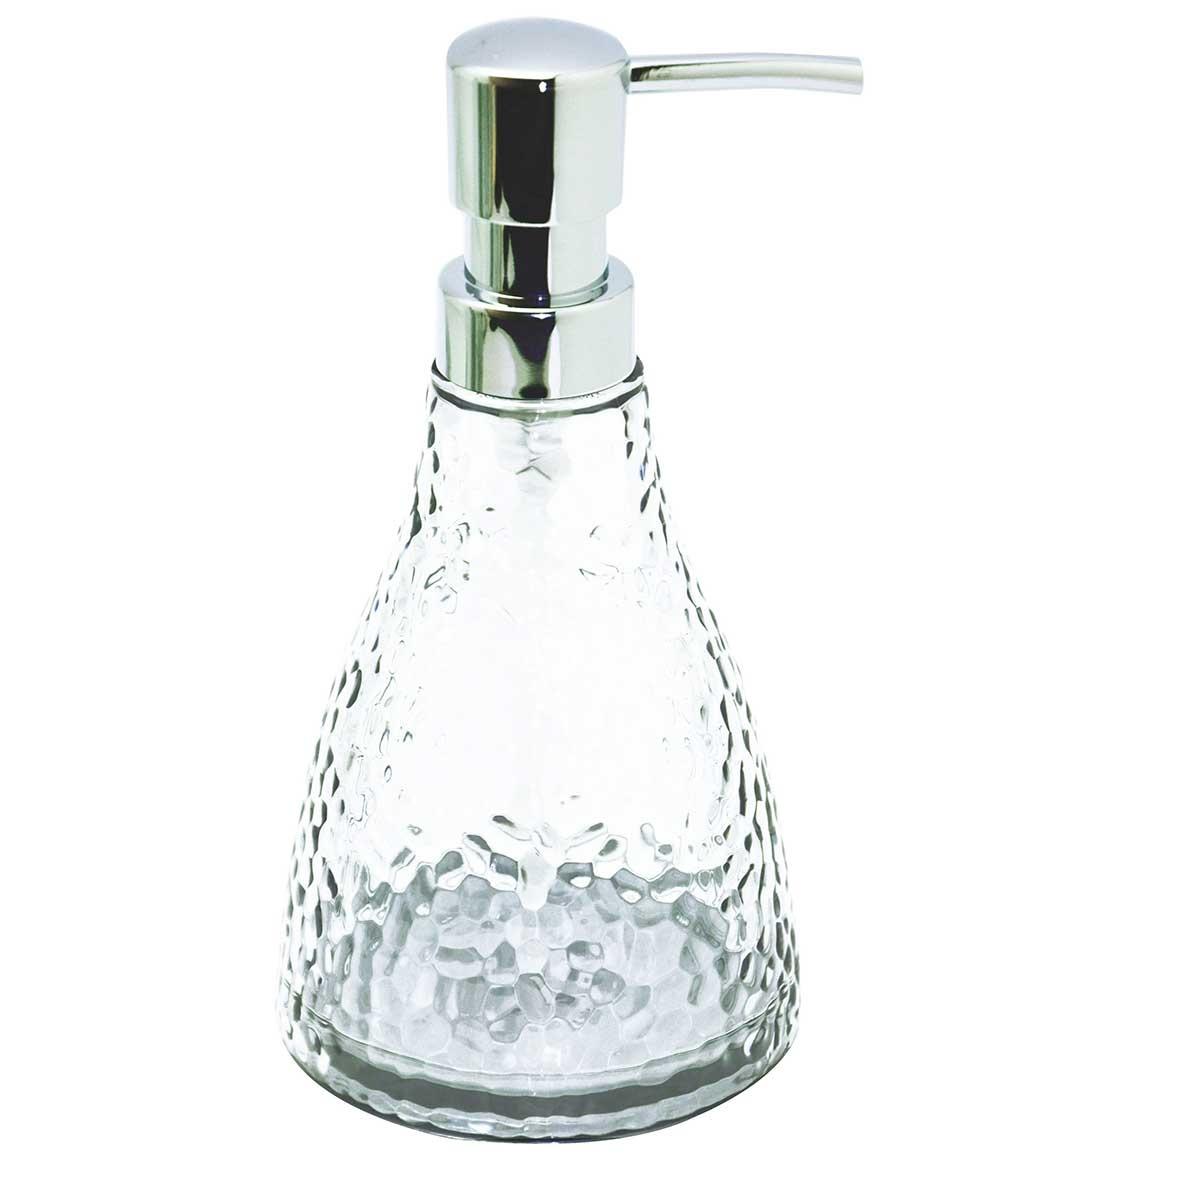 Distributeur de savon effet craquelé (Transparent)